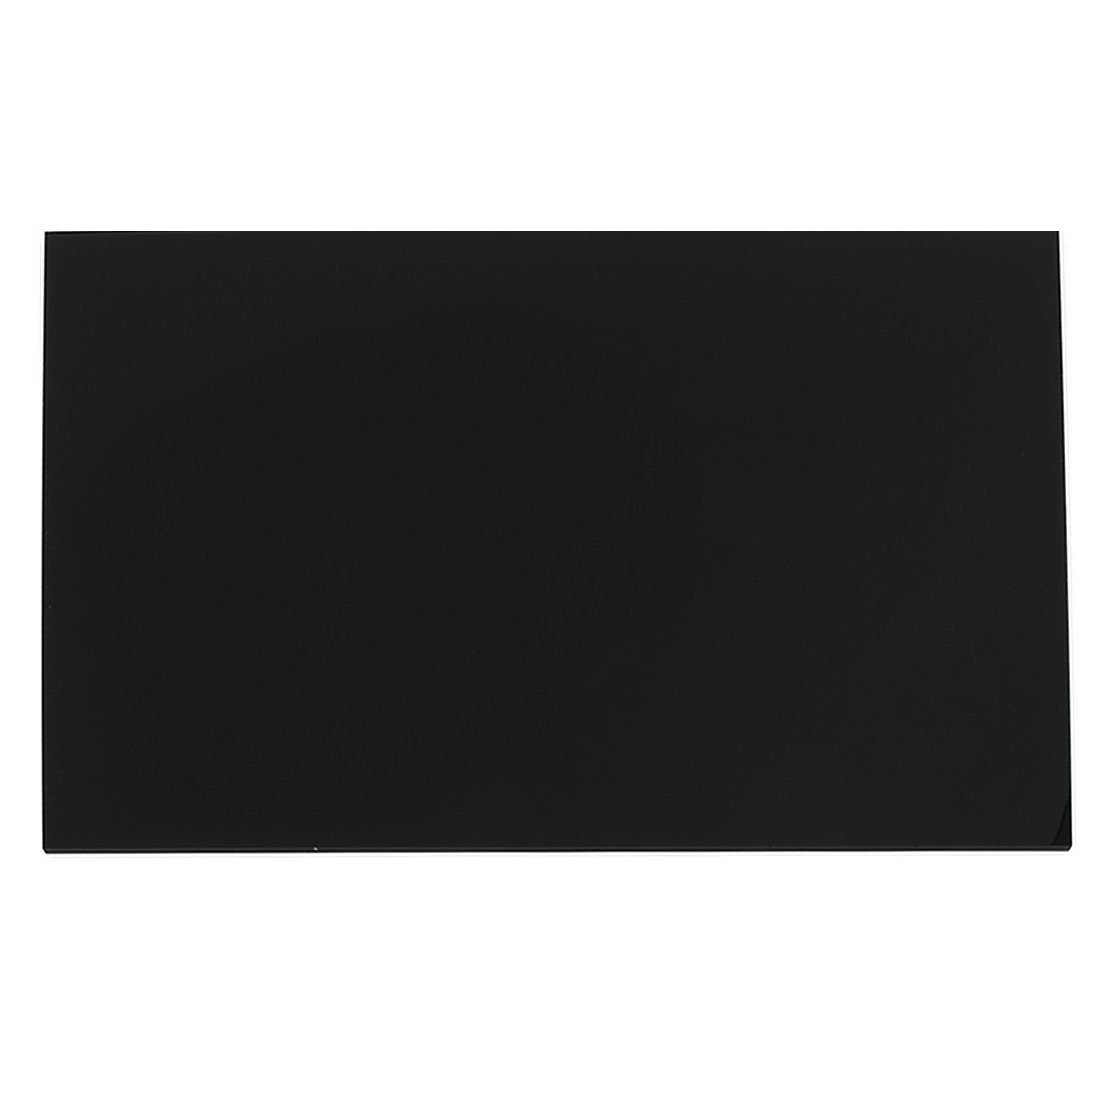 3mm en plastique noir A4 acrylique Plexiglas Plexiglas Feuille 210mm x 297mm